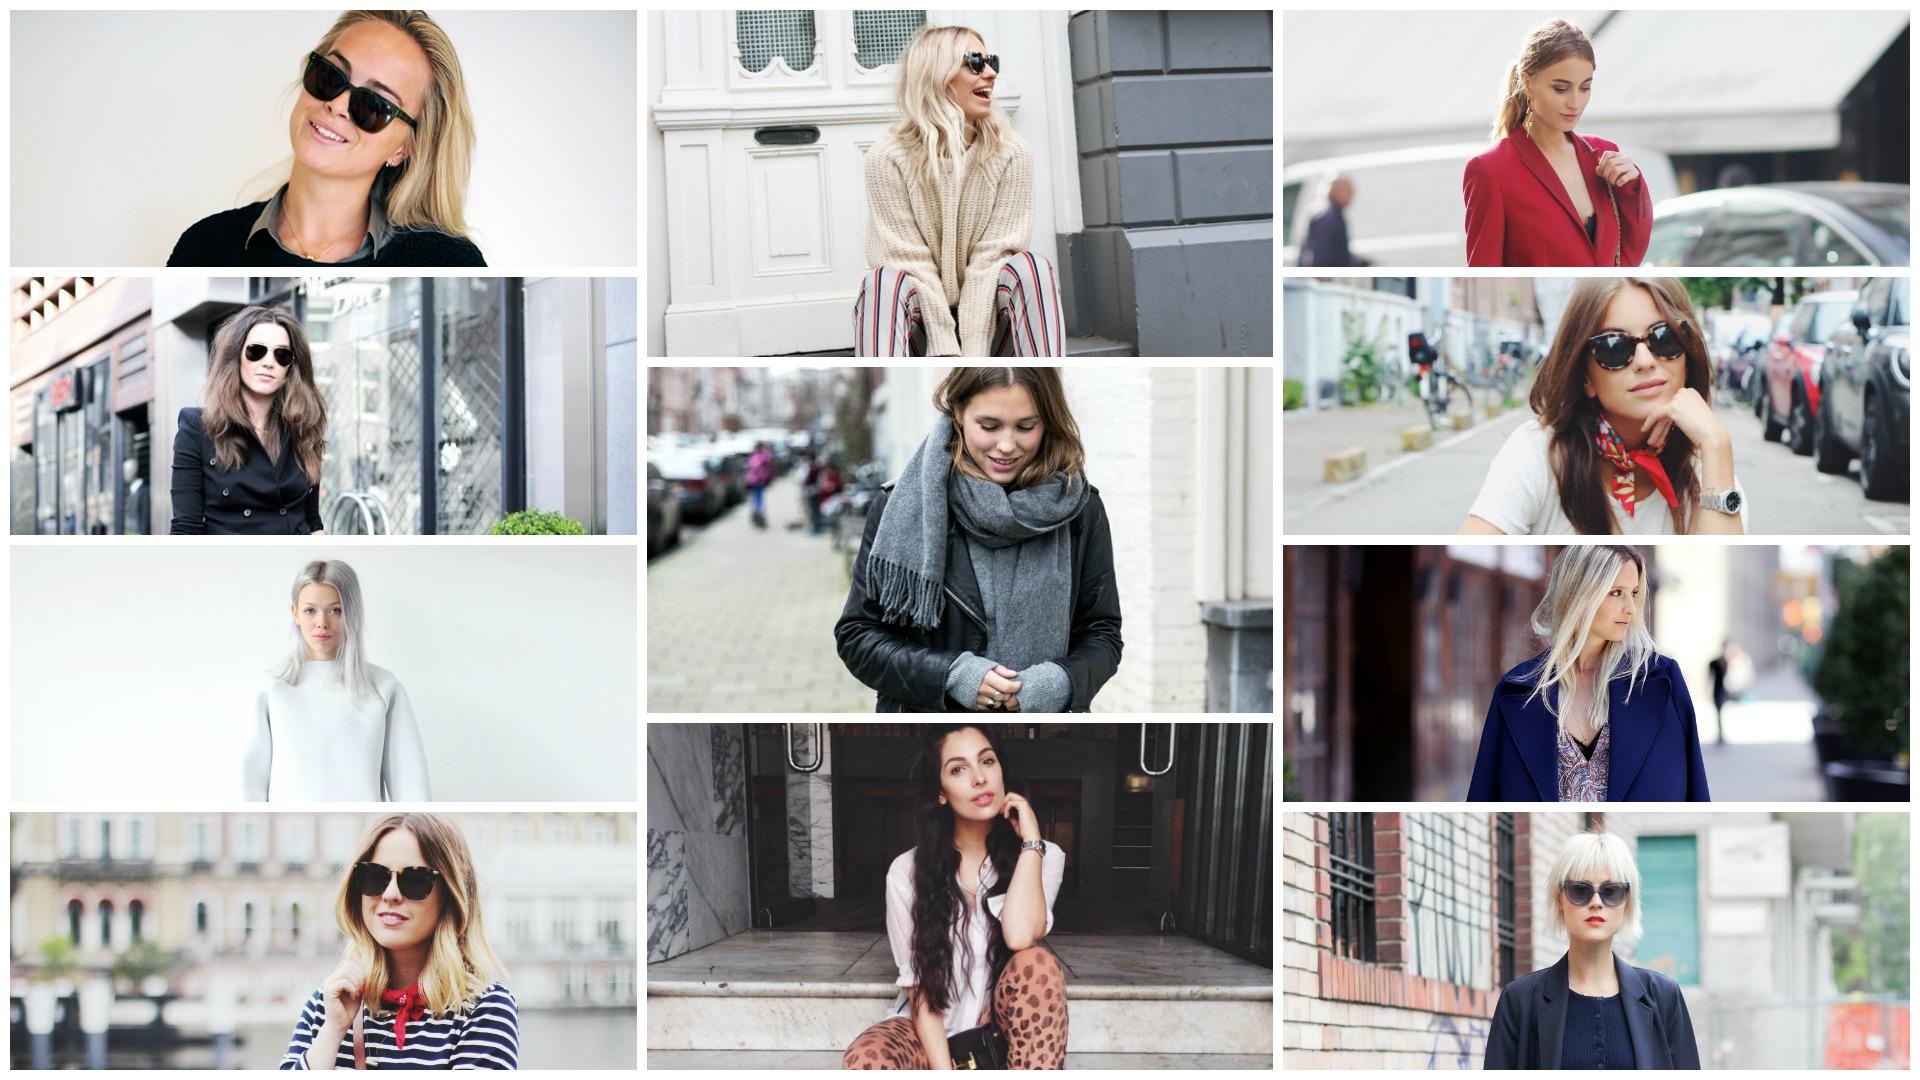 Mijn Favoriete Nederlandse Modebloggers